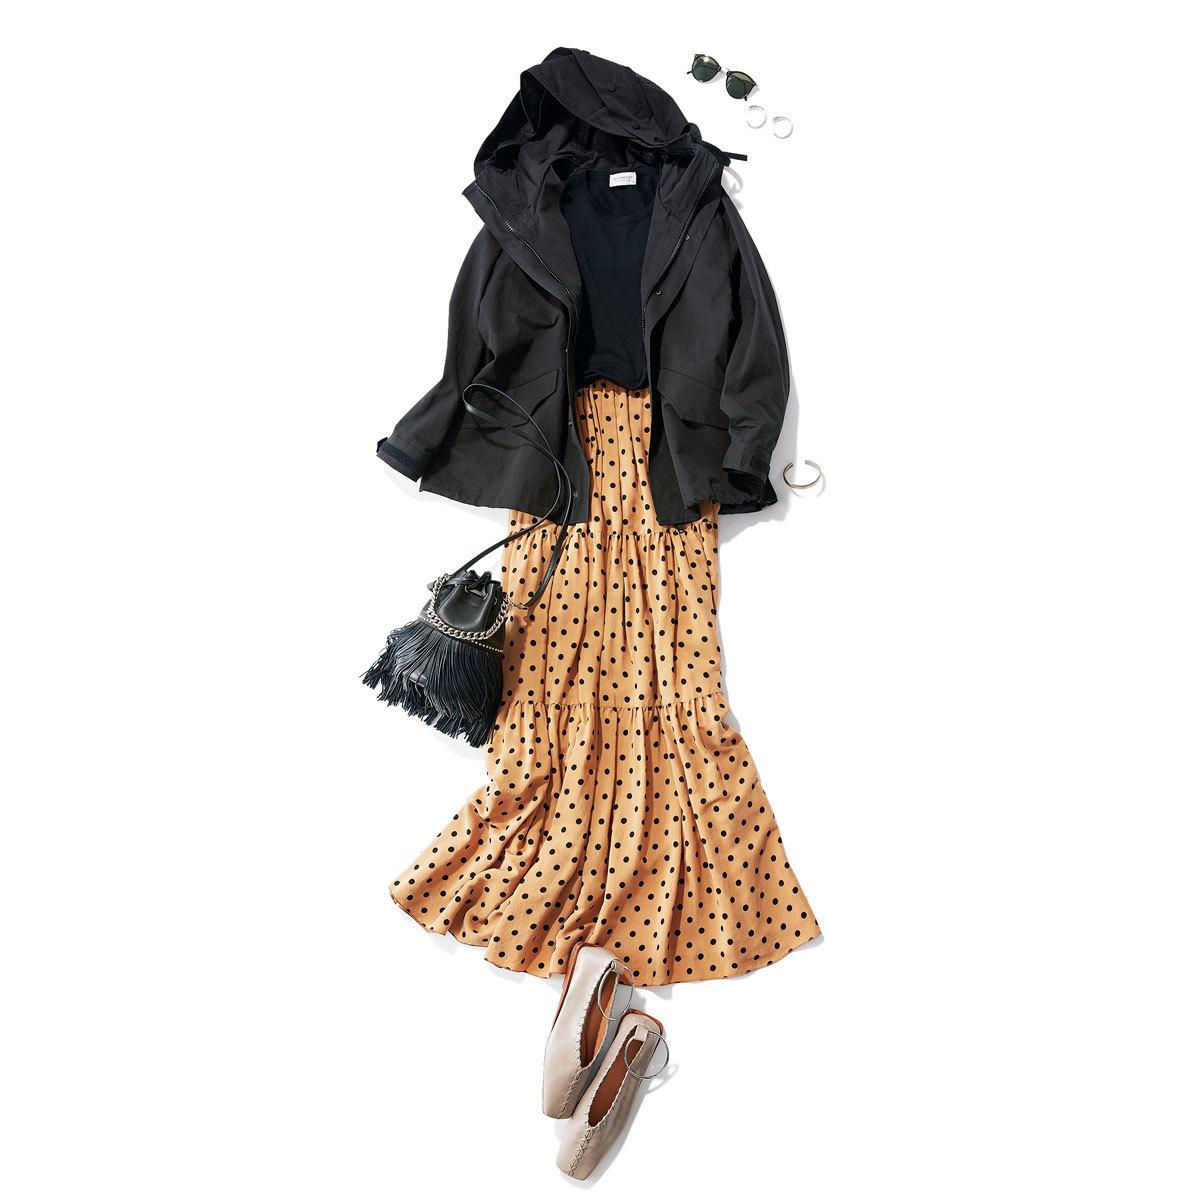 フードつきワークジャケット×ドット柄ロングスカートの休日コーデ